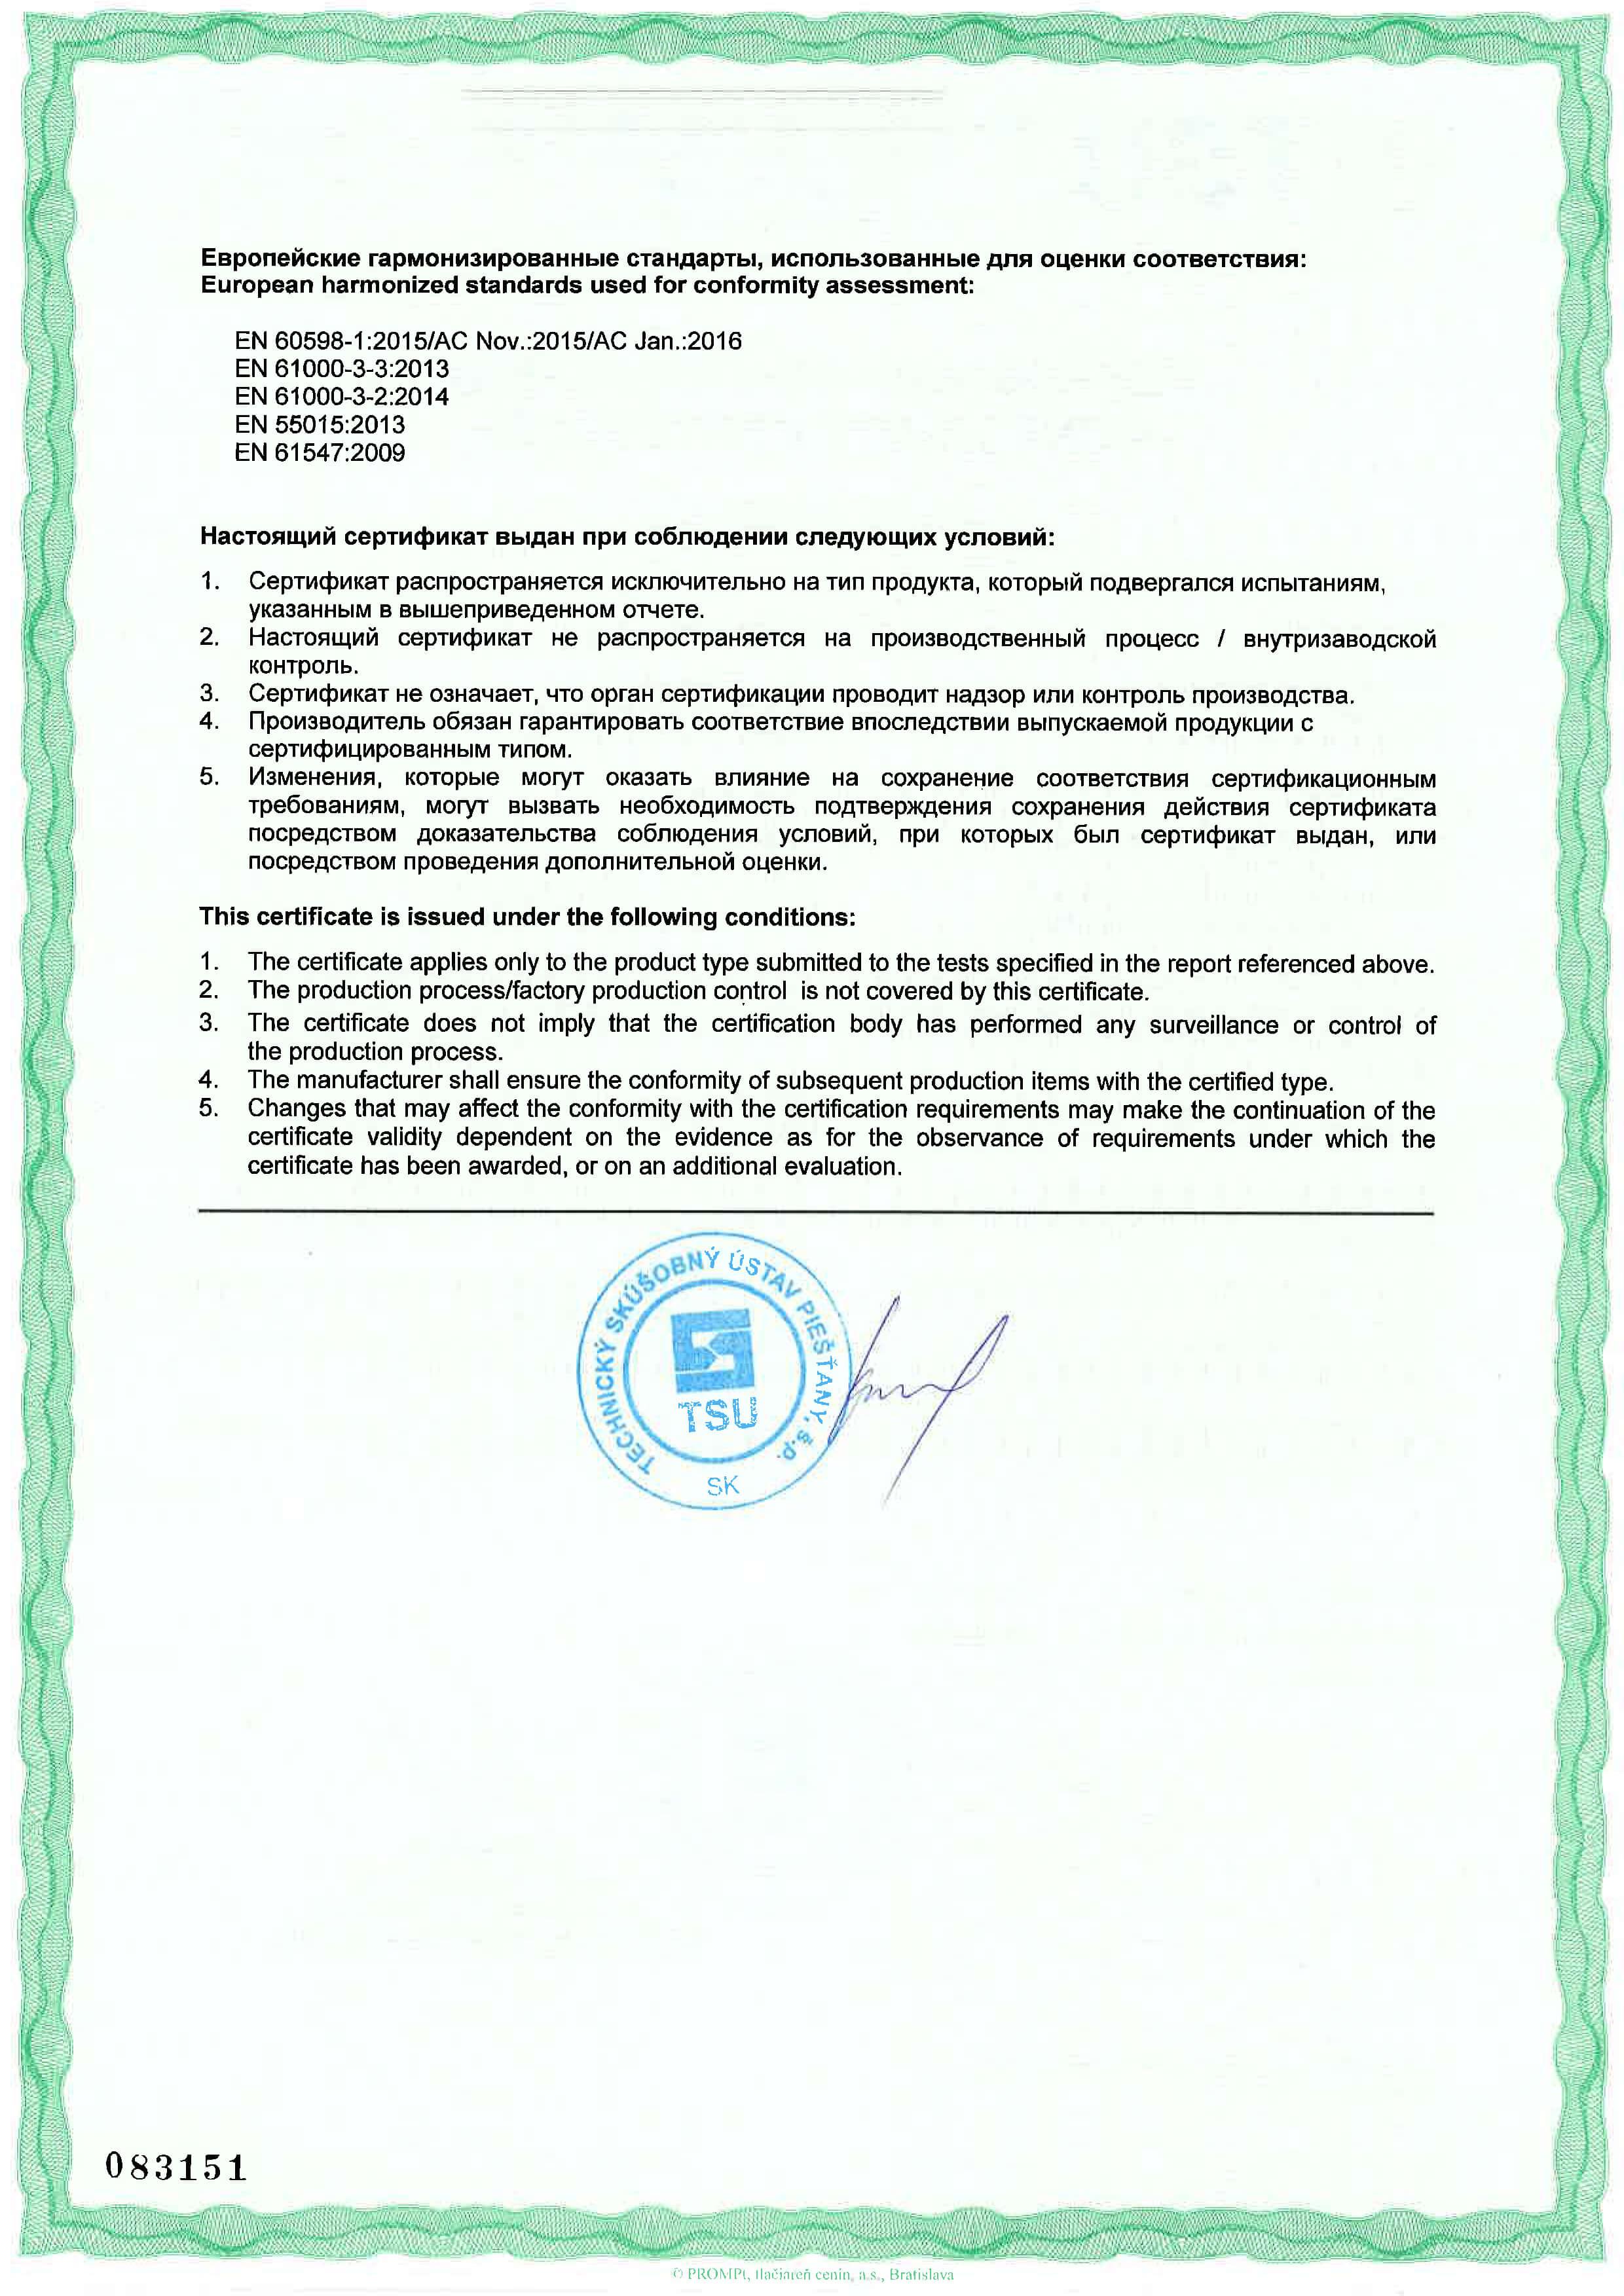 Сертифікат Європейський